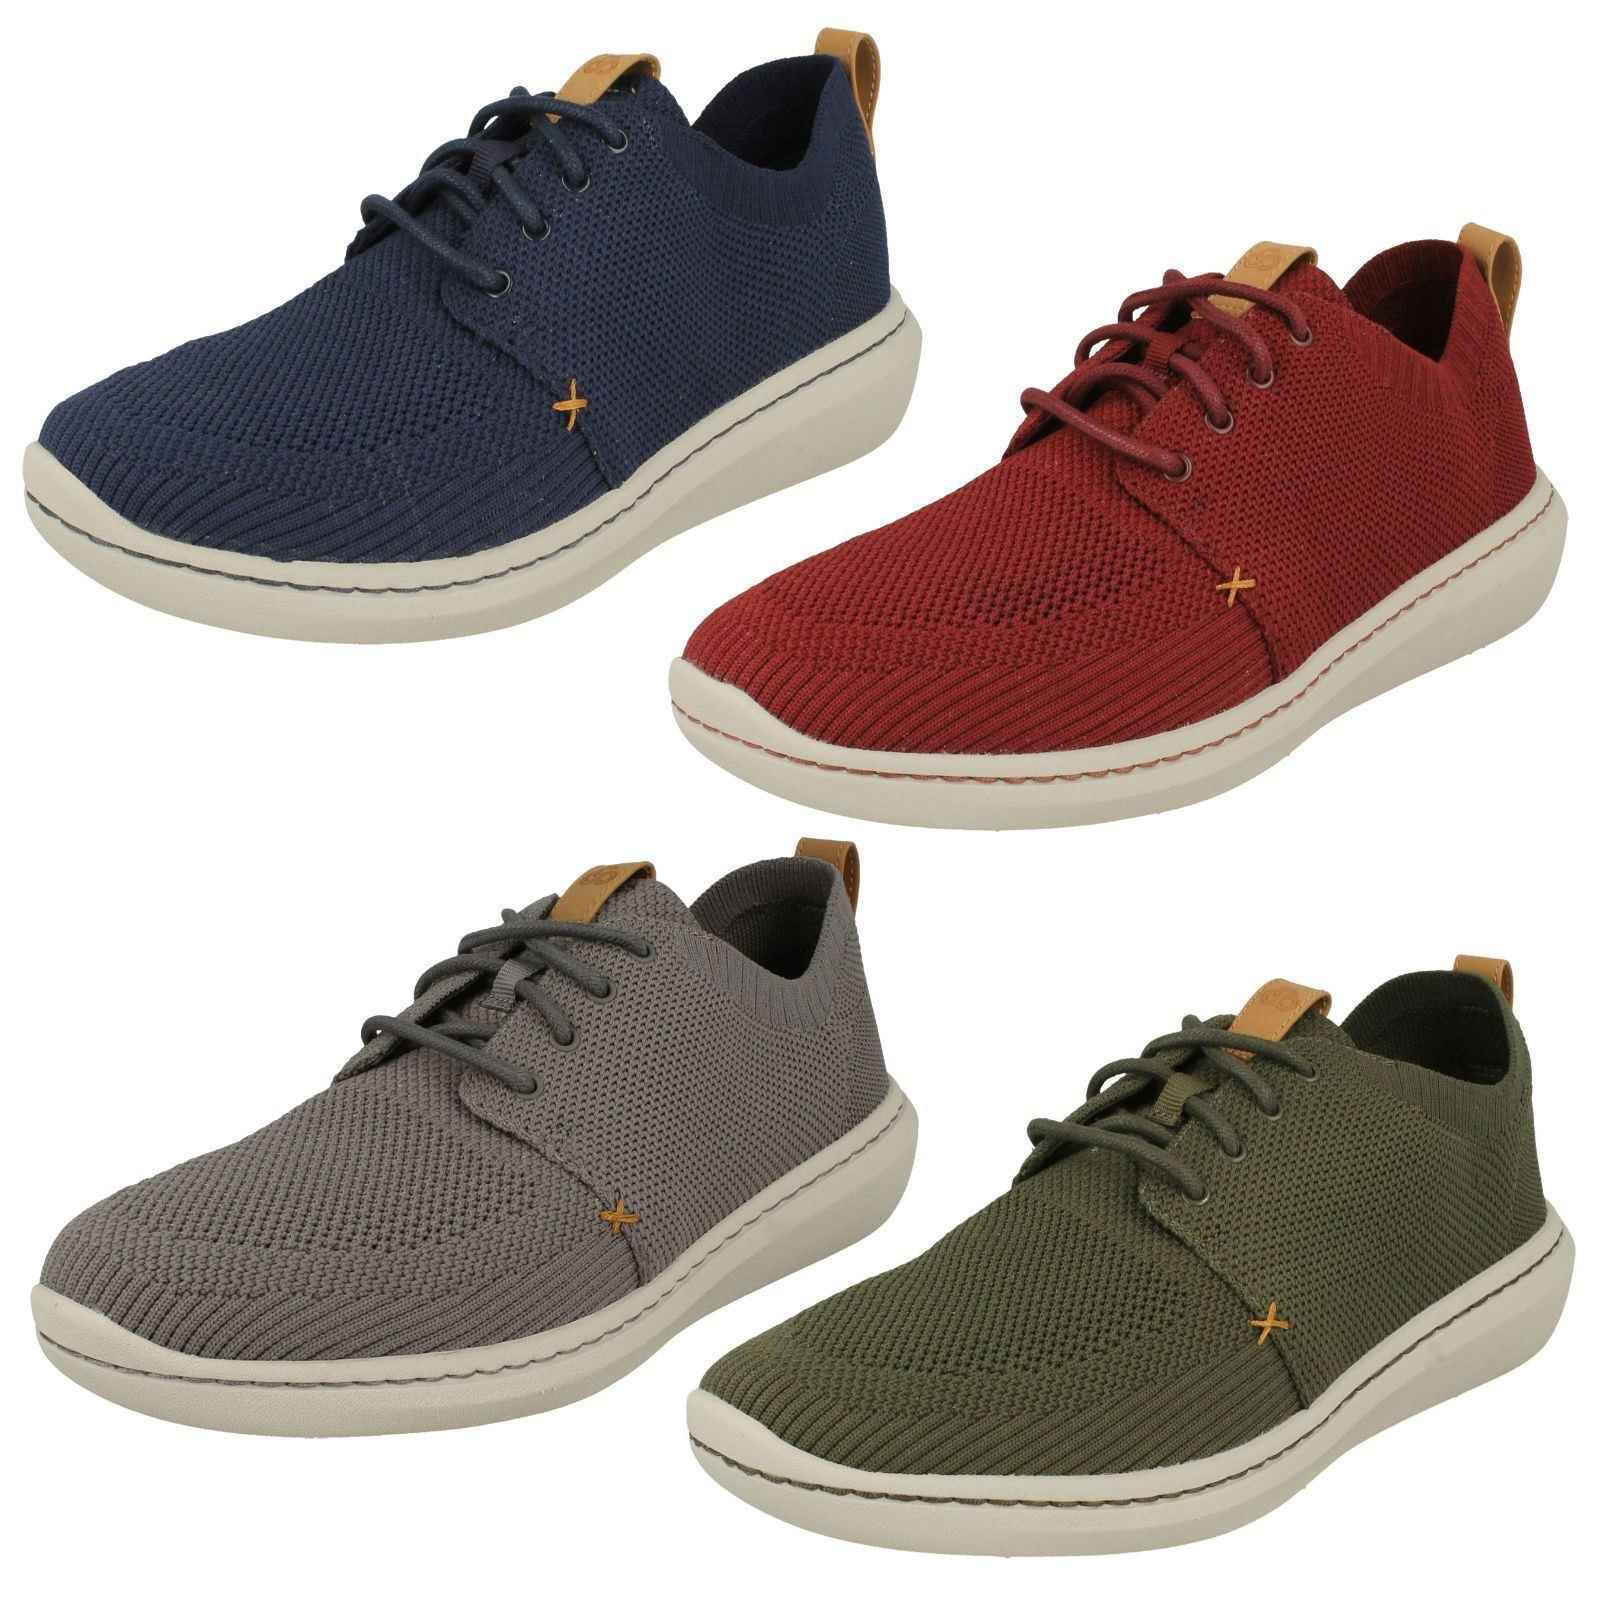 Para Hombre Clarks Zapatos Con Cordones De Casual De Cordones Mezcla urbano paso 4913c5